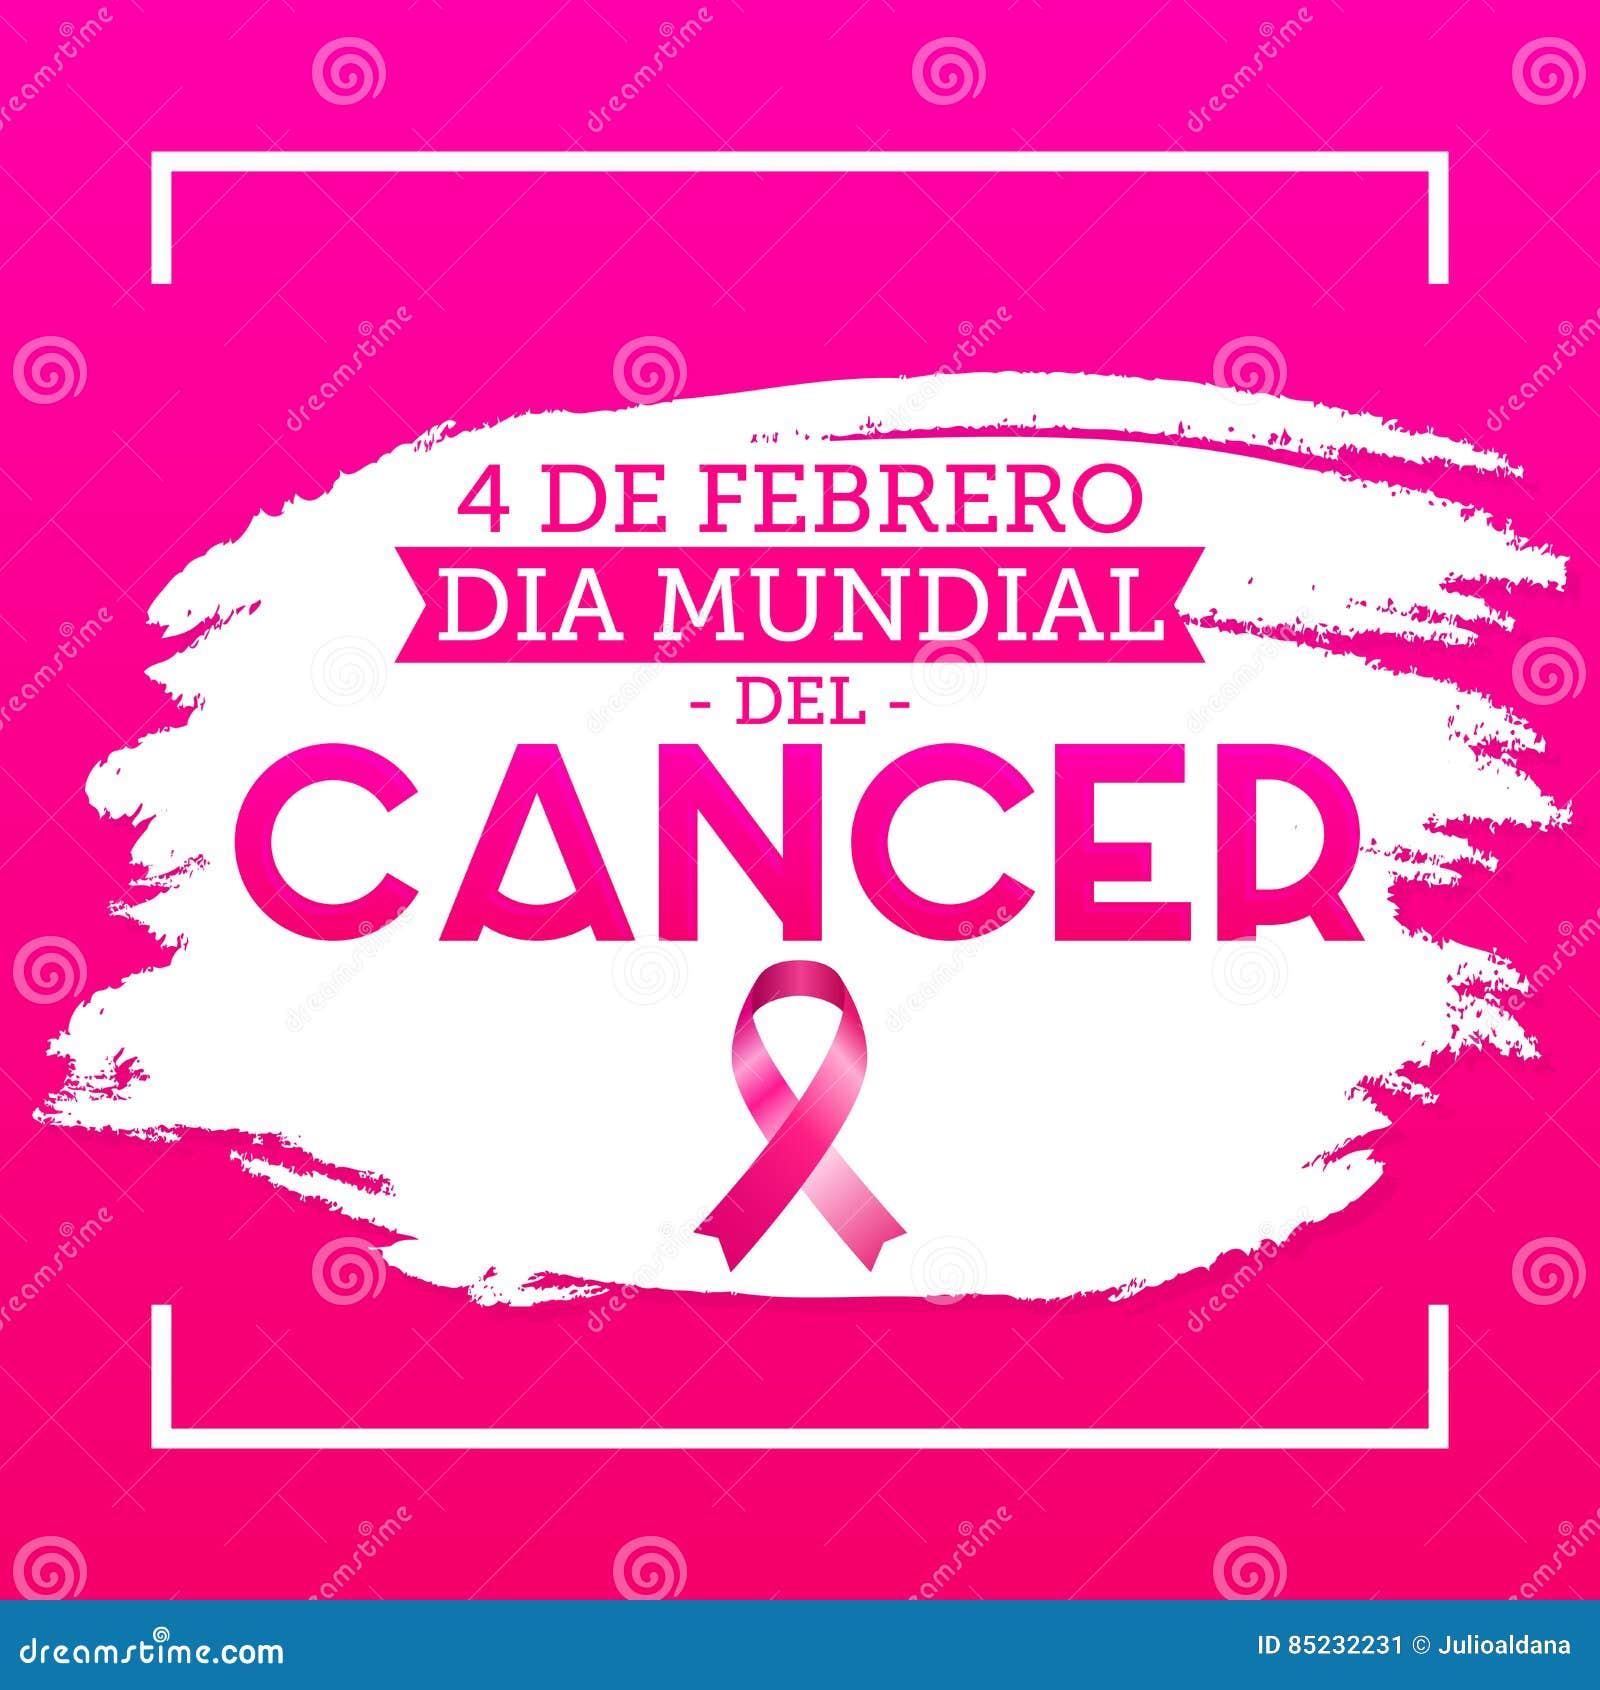 Diameter mundial del Cancer - den februari för världscancerdagen 4 spanjoren smsar